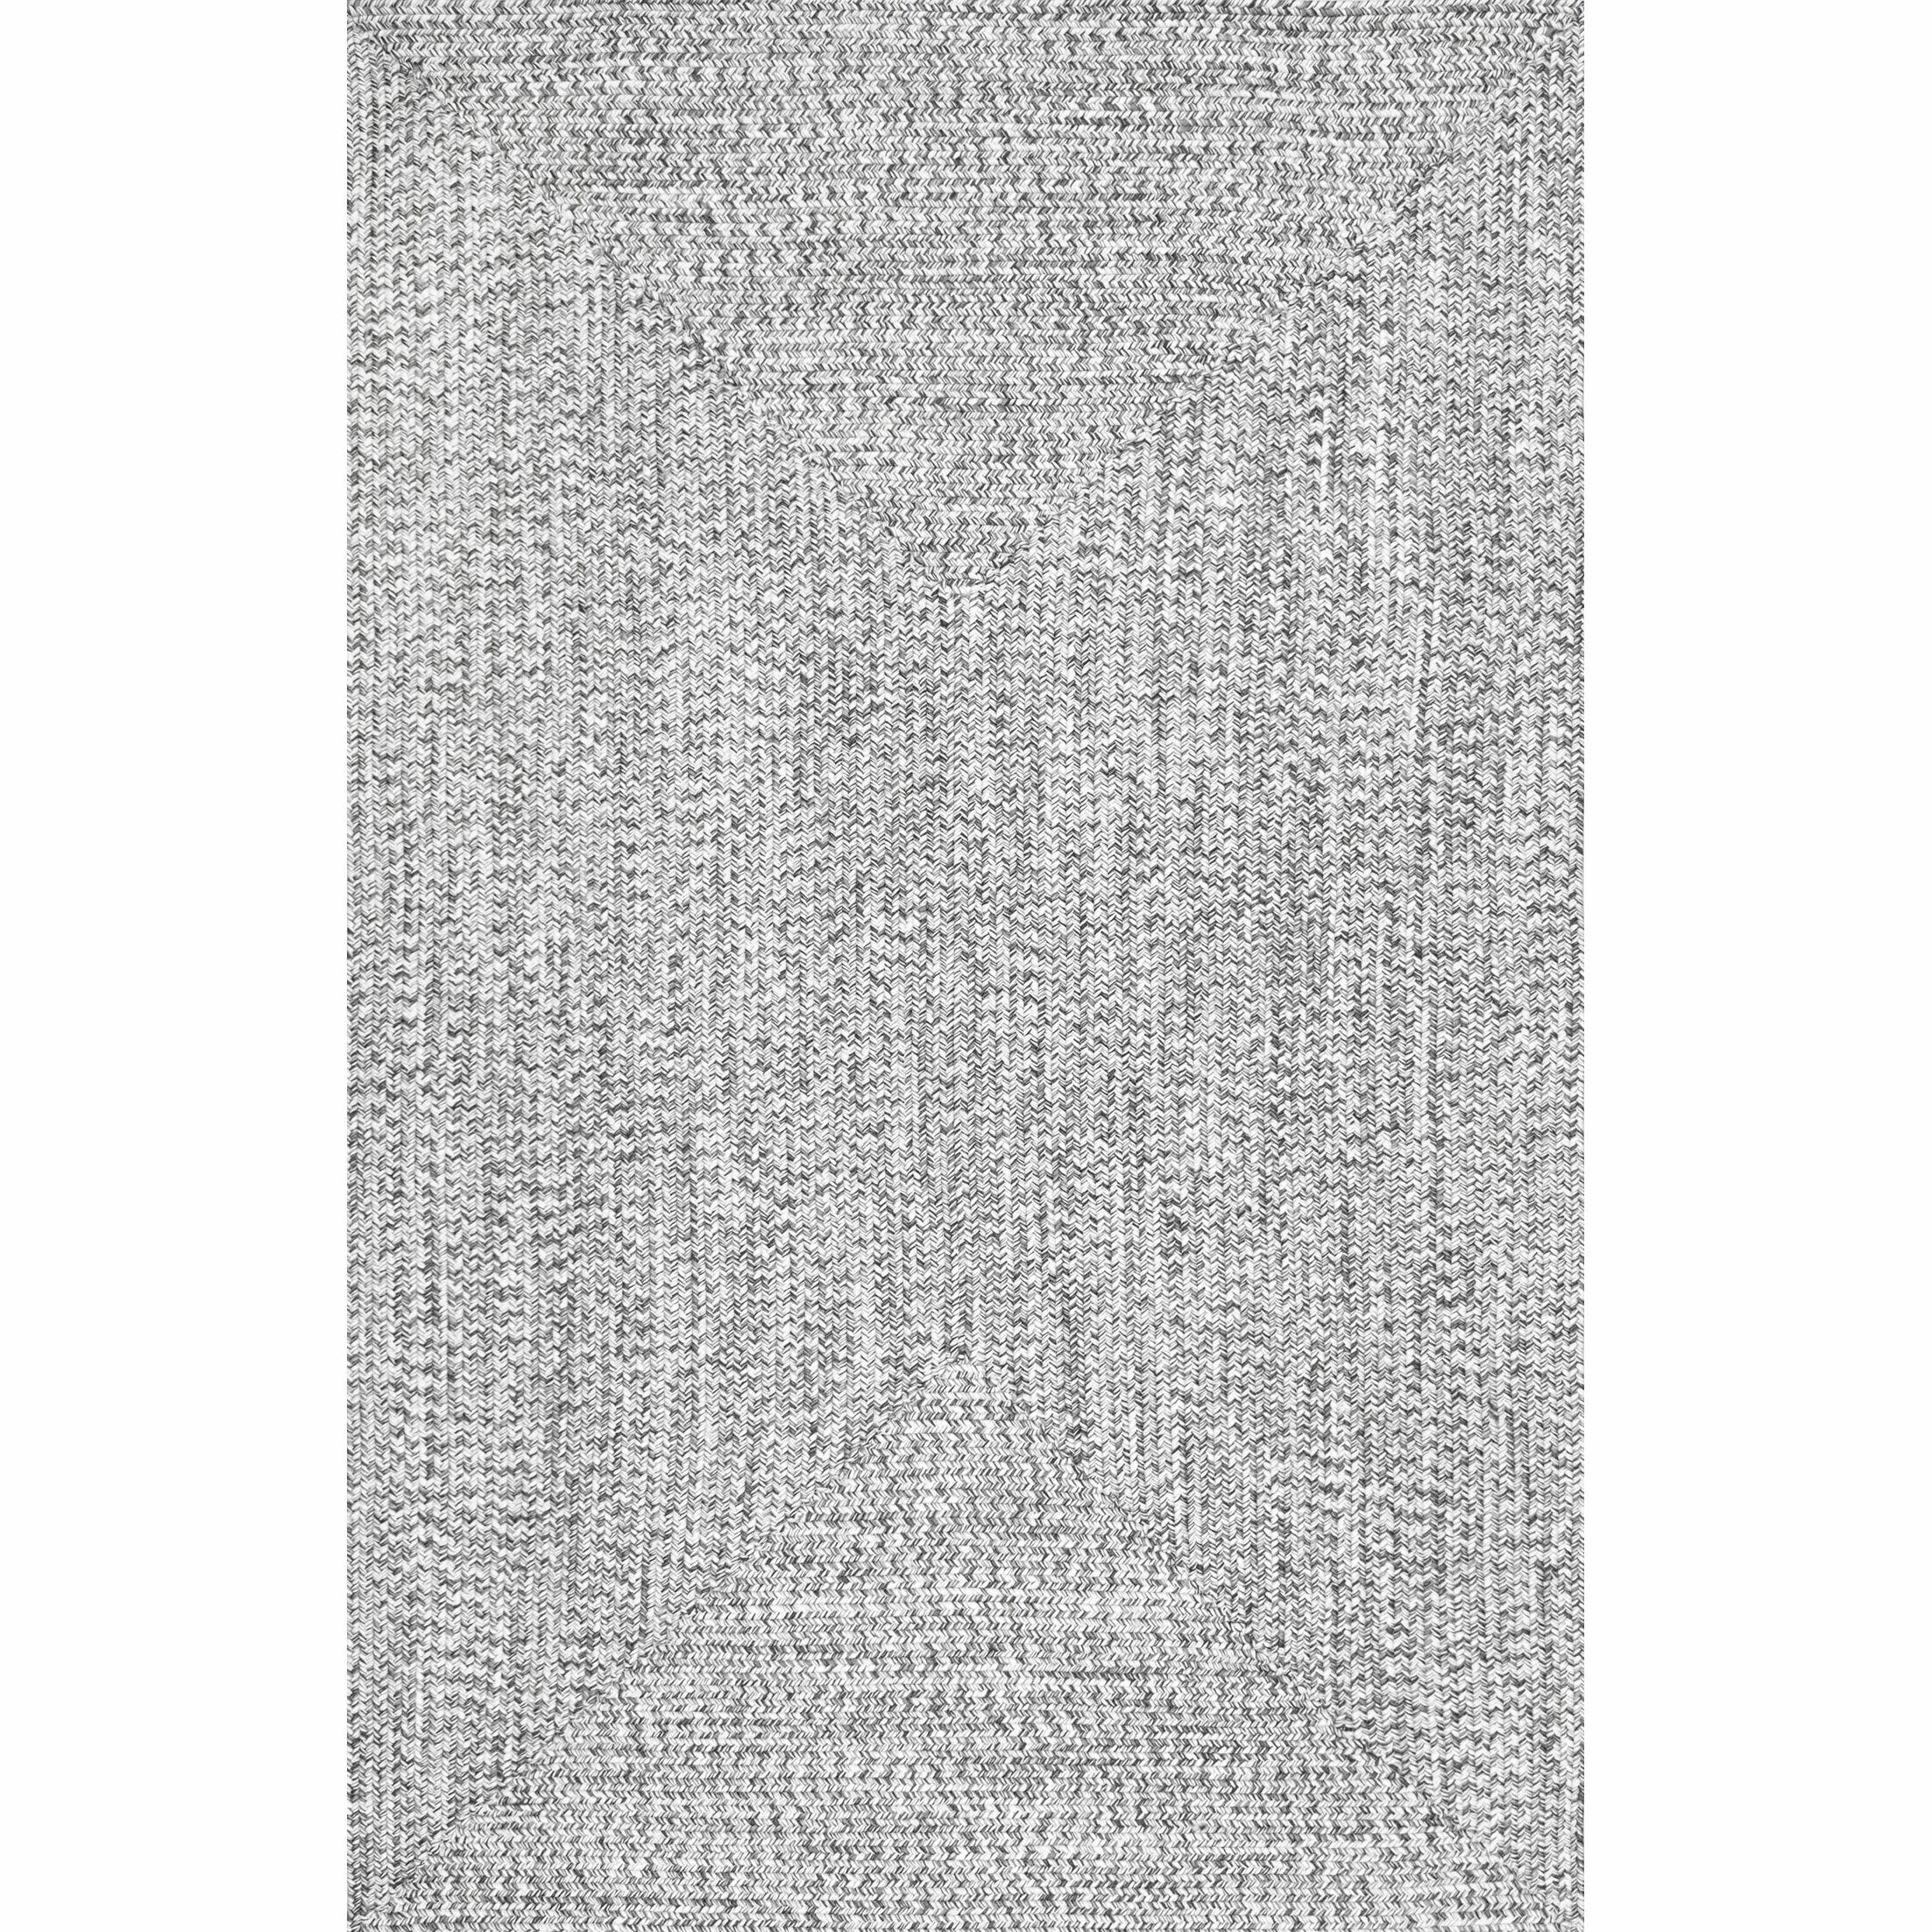 Kulpmont Gray Indoor/Outdoor Area Rug Rug Size: Rectangle 10' x 14'